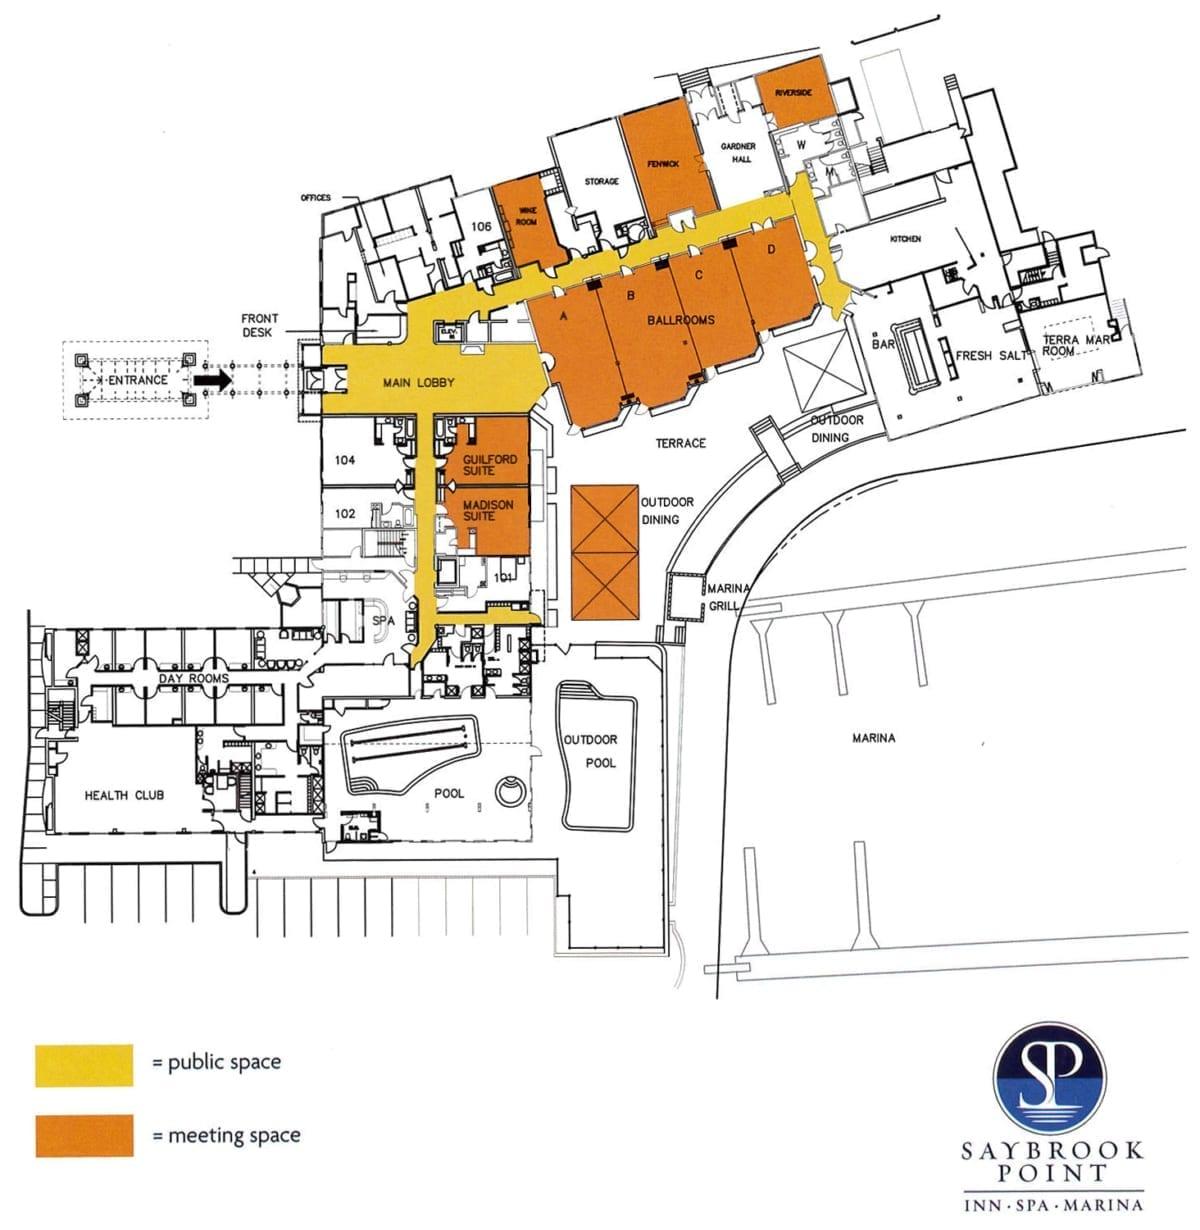 Saybrook Point Inn floor plan